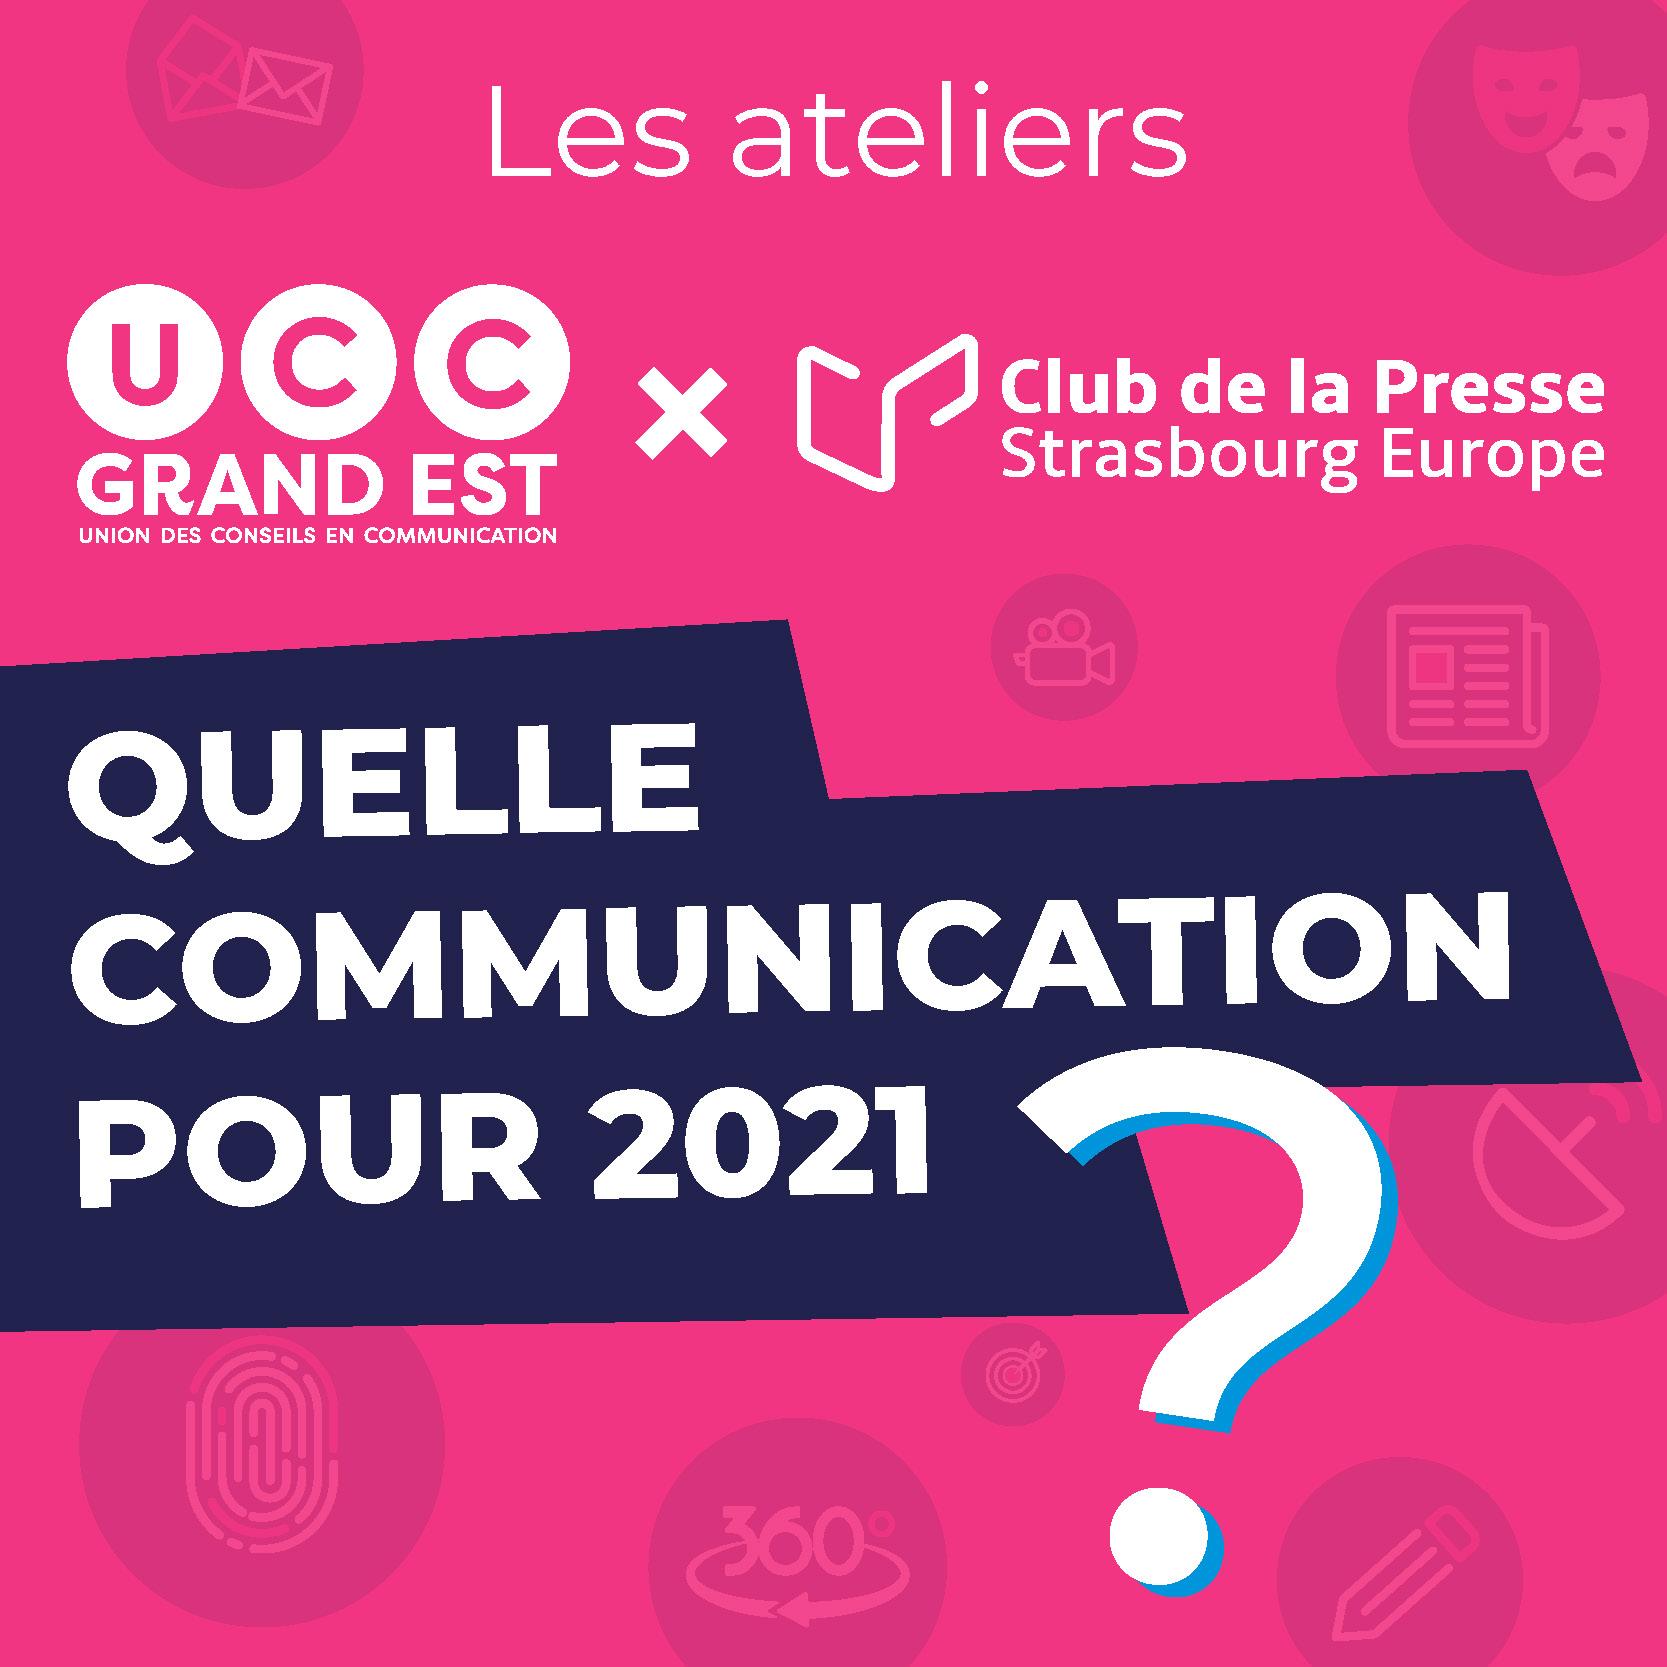 Quelle communication en 2021